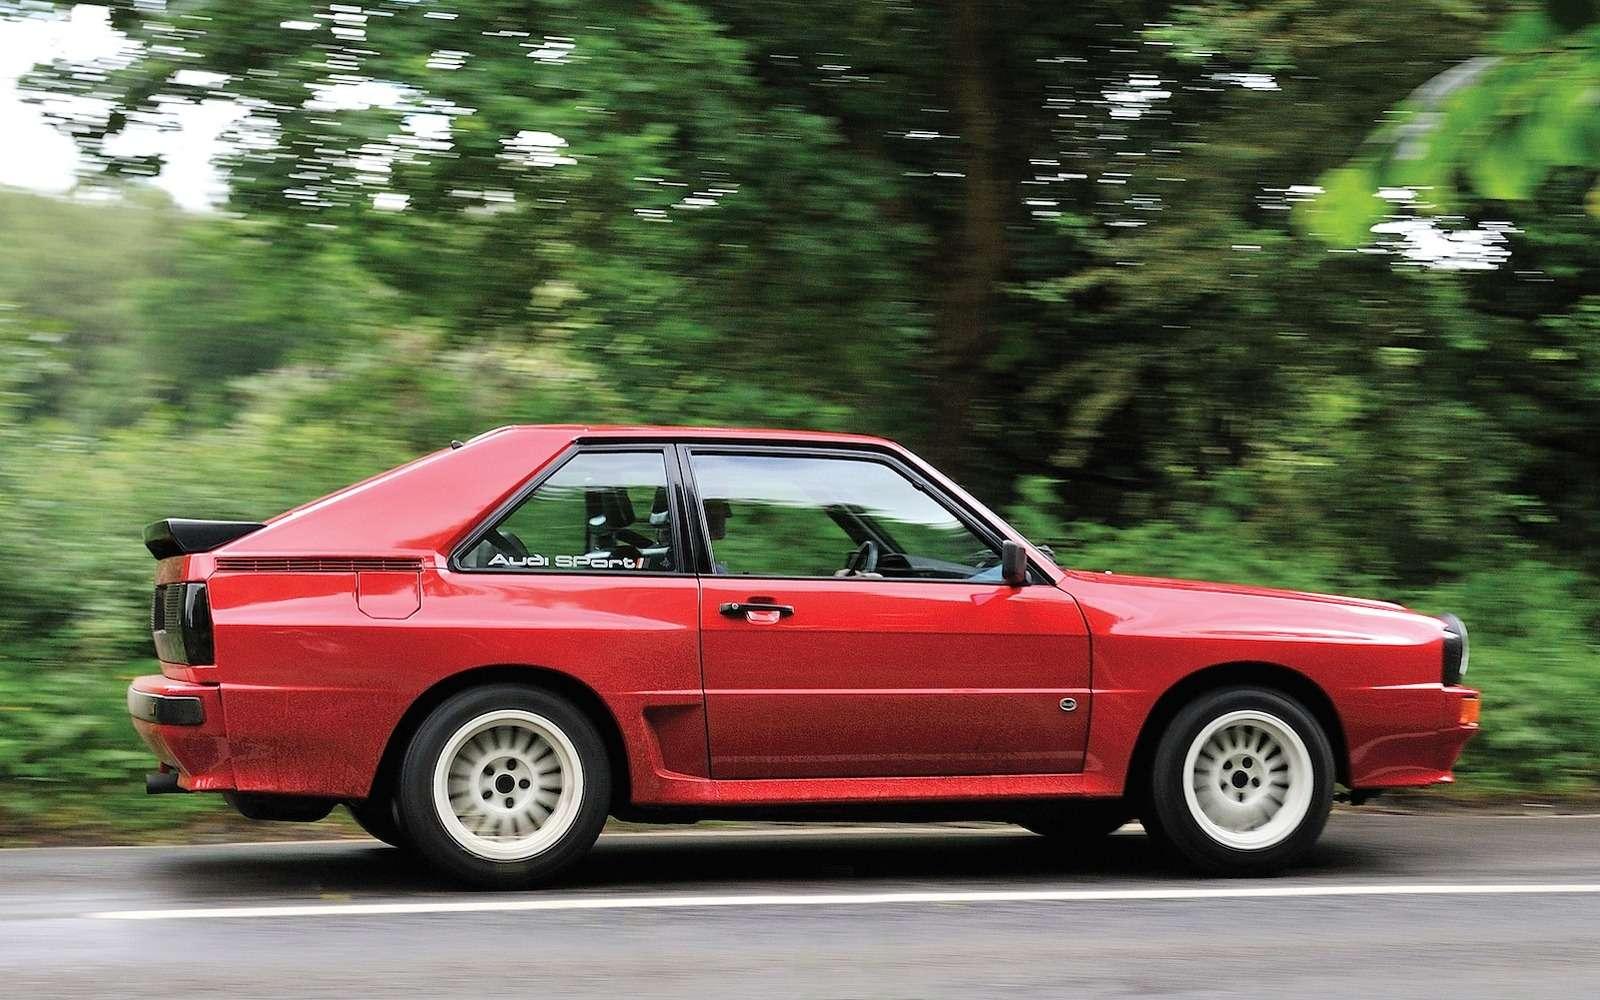 Драгоценный коротыш: легендарный Audi Sport quattro продан забешеные деньги— фото 632241